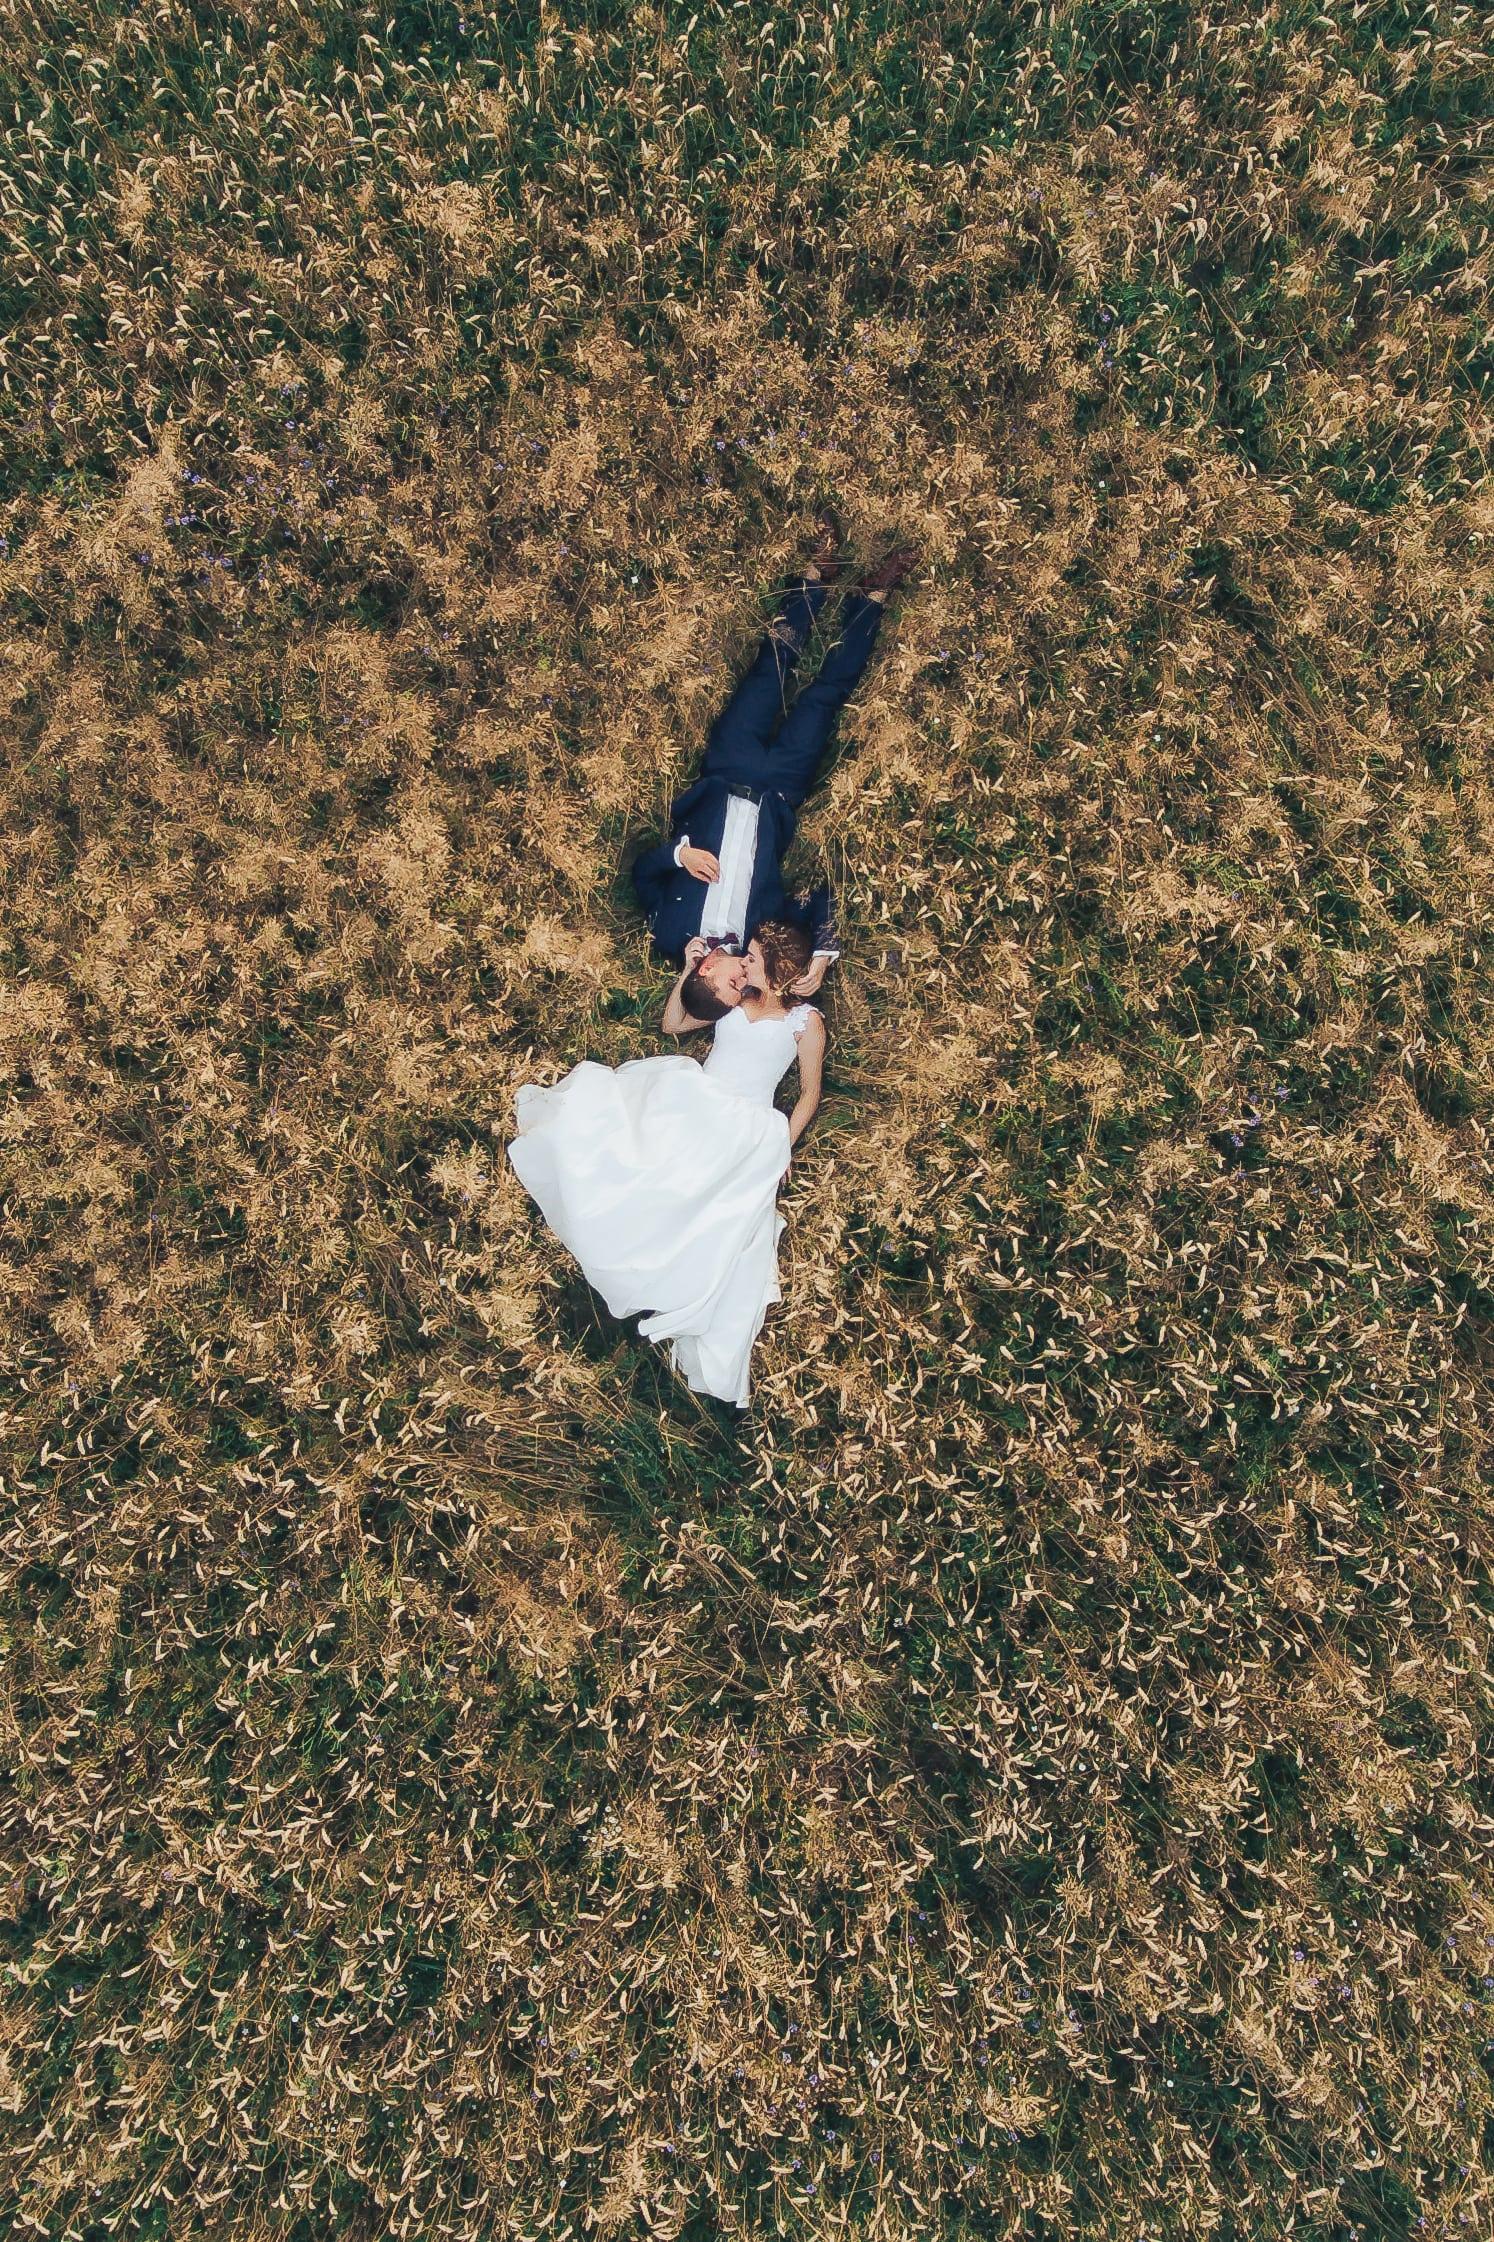 Next day Γάμου - Φθινοπωρινή φωτογράφιση